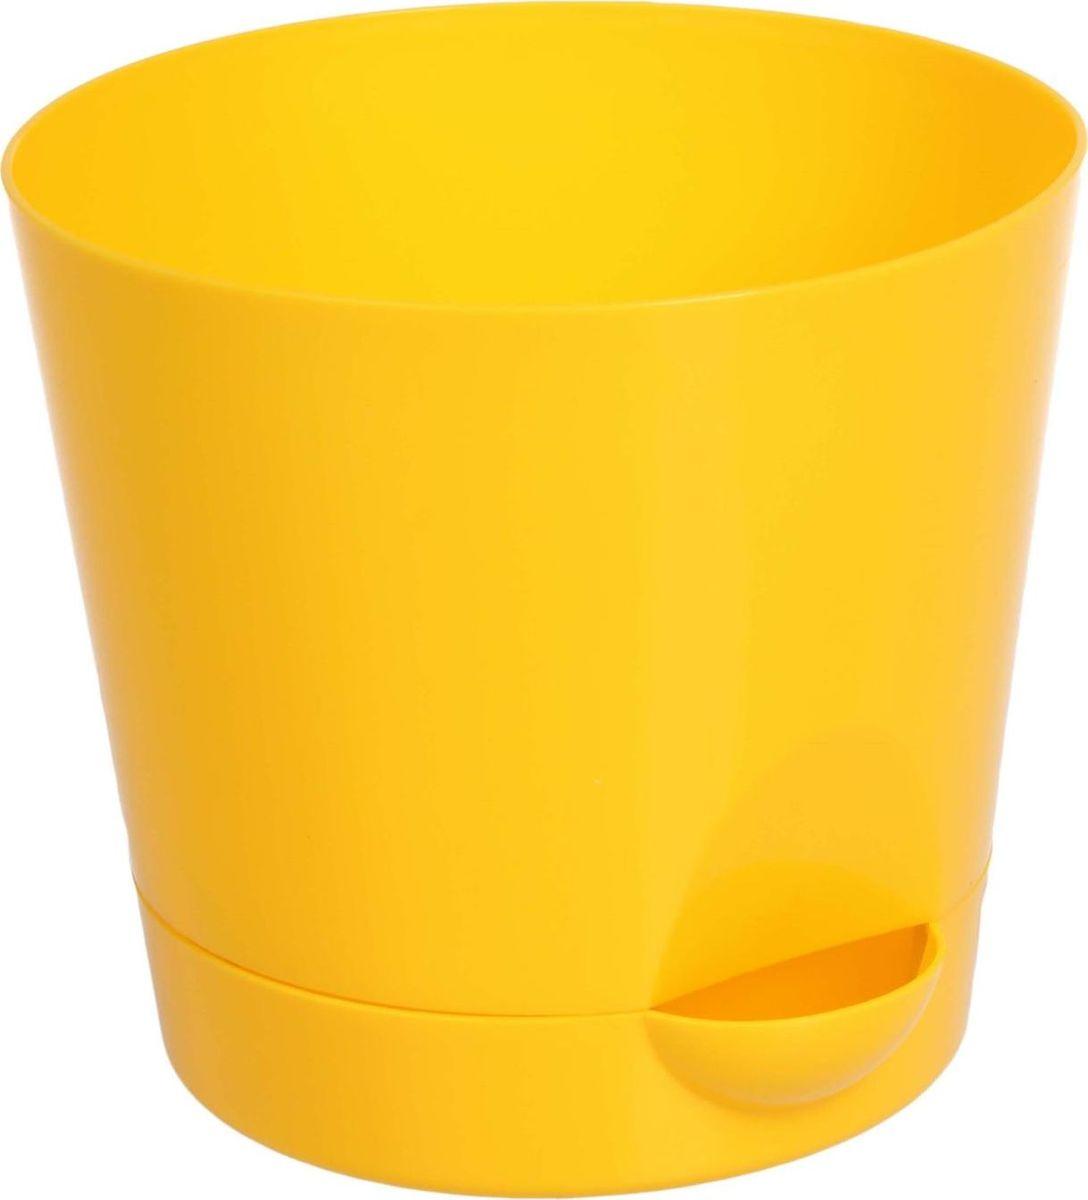 Кашпо Idea Ника, с прикорневым поливом, с поддоном, цвет: желтый, 1,6 лПИ-20-8ТХКашпо Idea Ника изготовлено из высококачественного полипропилена (пластика). В комплект входит поддон со специальной выемкой, благодаря которому имеется возможность прикорневого полива. Изделие подходит для выращивания растений и цветов в домашних условиях. Стильная яркая картинка сделает такое кашпо прекрасным дополнением интерьера. Объем горшка: 1,6 л. Диаметр горшка (по верхнему краю): 15 см. Высота горшка: 13,5 см. Диаметр подставки: 12,5 см.